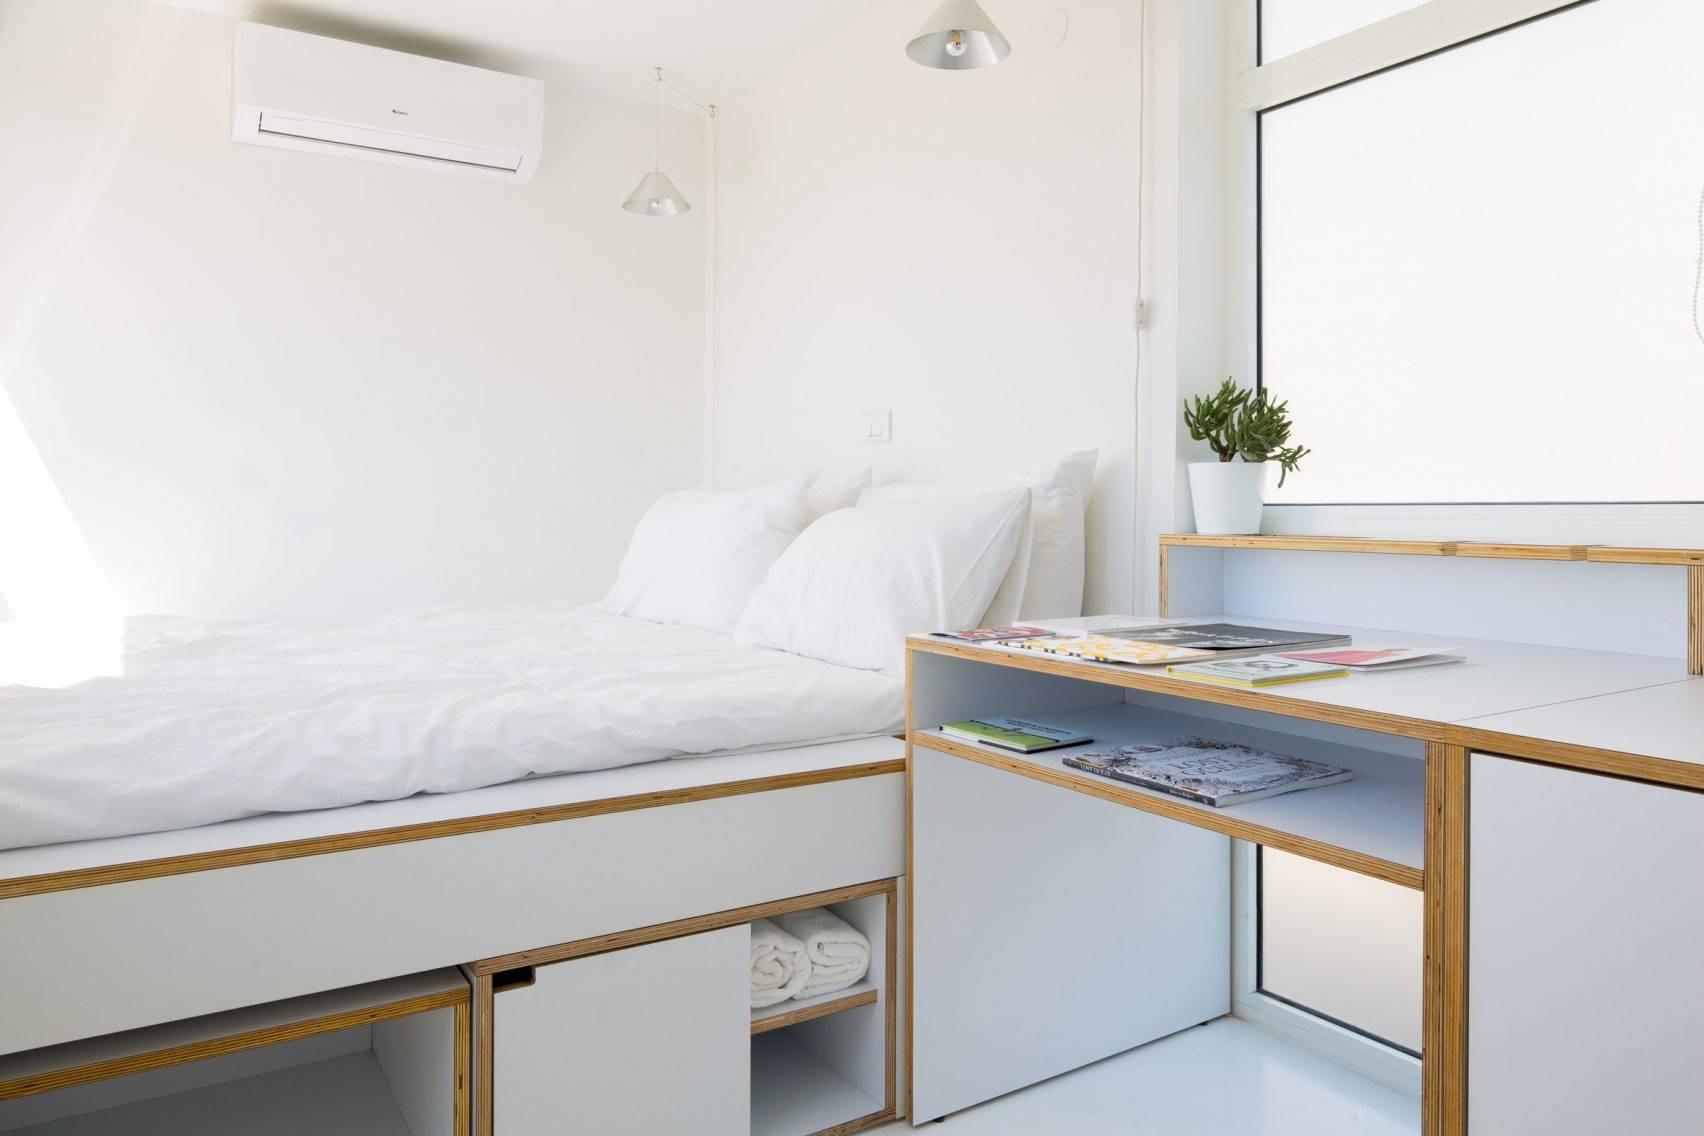 Cuộc sống tiện nghi, đủ đầy chỉ gói ghém vỏn vẹn trong căn hộ nhỏ 15m² - Ảnh 3.